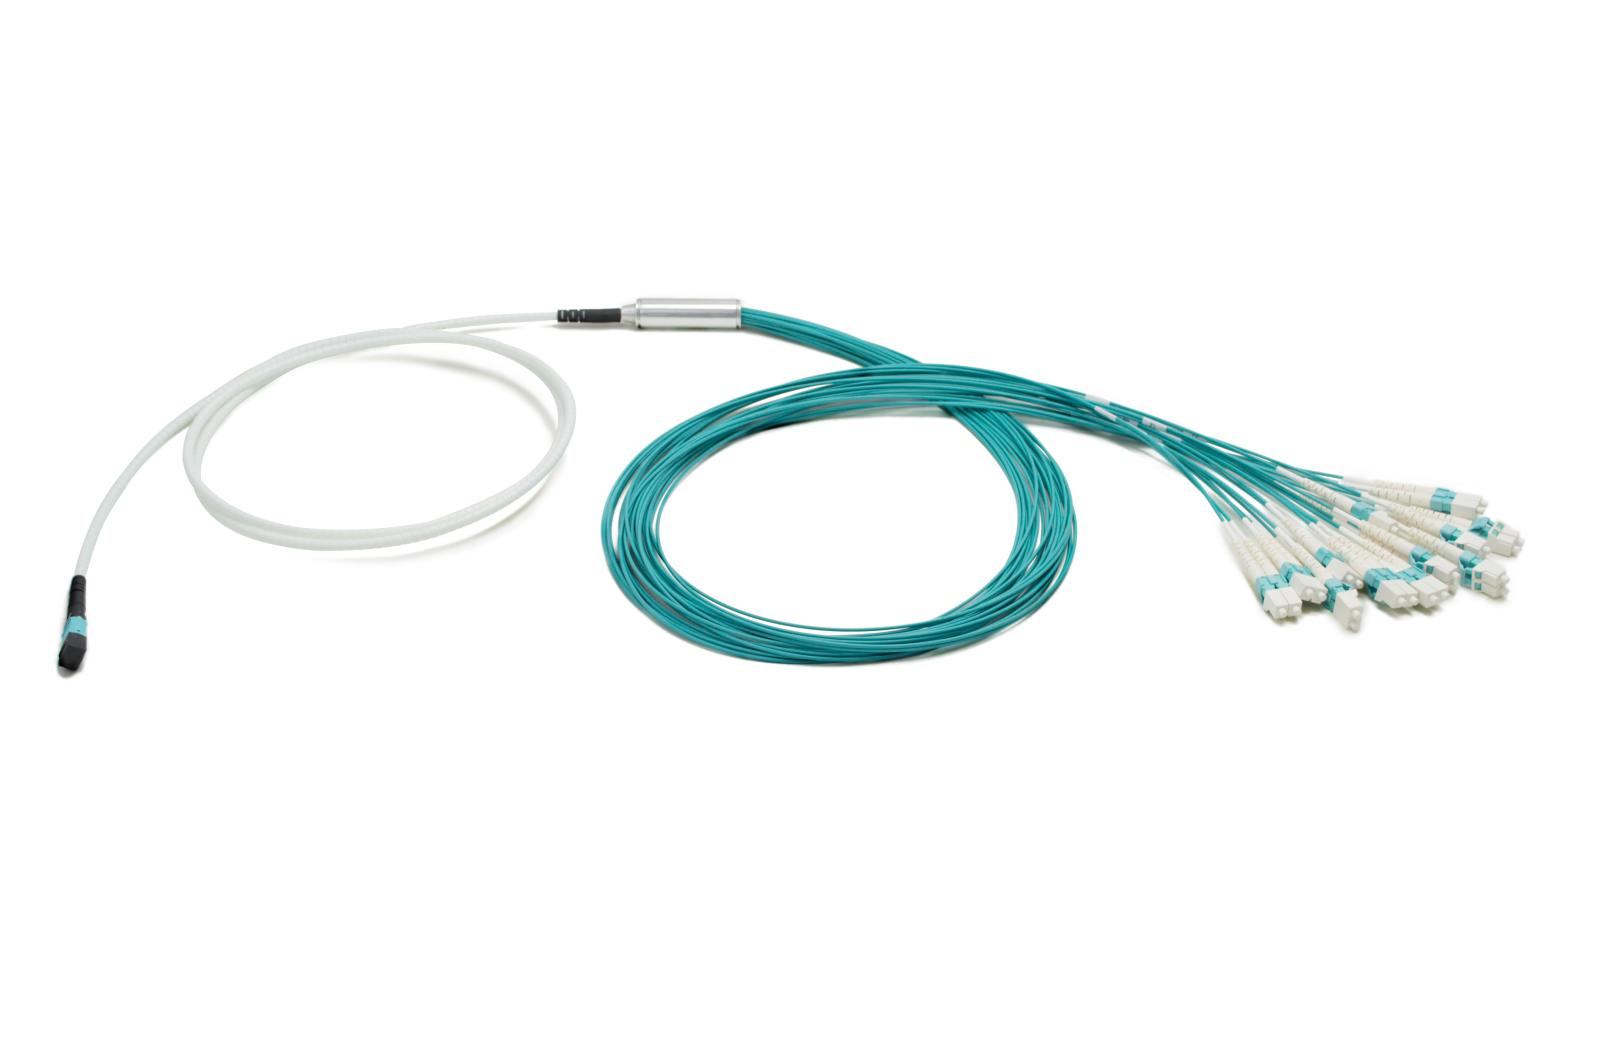 1x24f MTP to 12x LC duplex 24-fiber Miniflex Duralino fanout